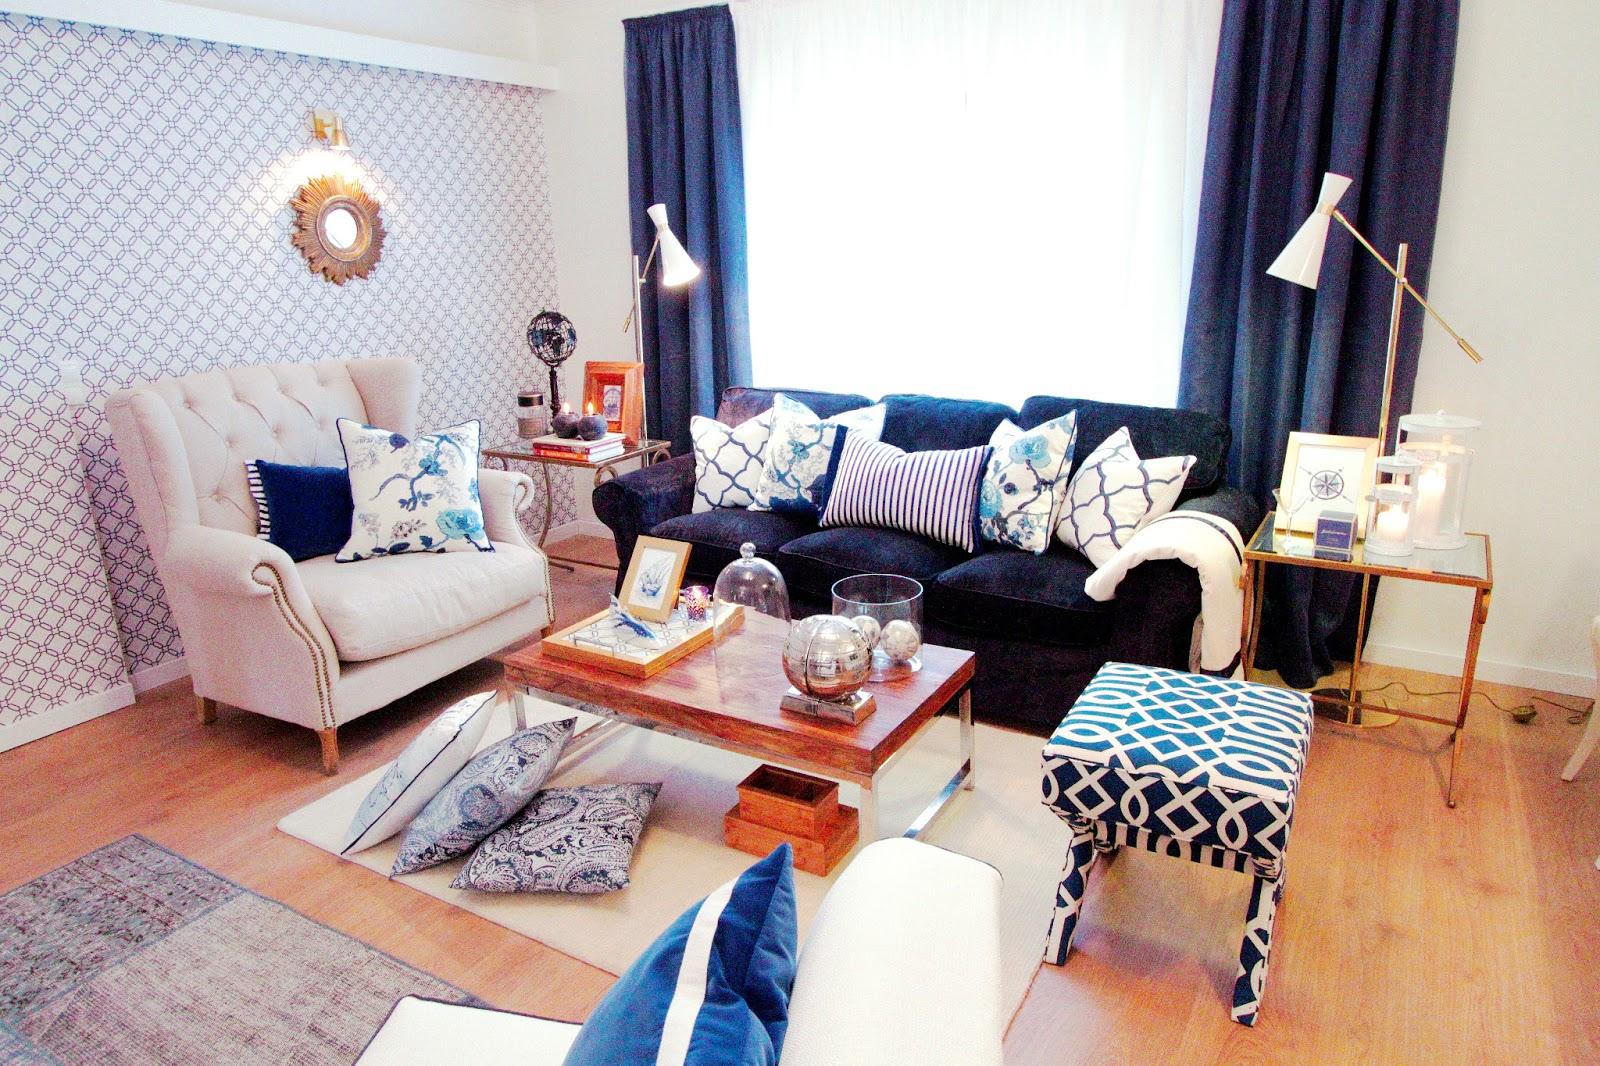 Bricolage e decora o querido mudei a casa decora o for Programa para decorar casas